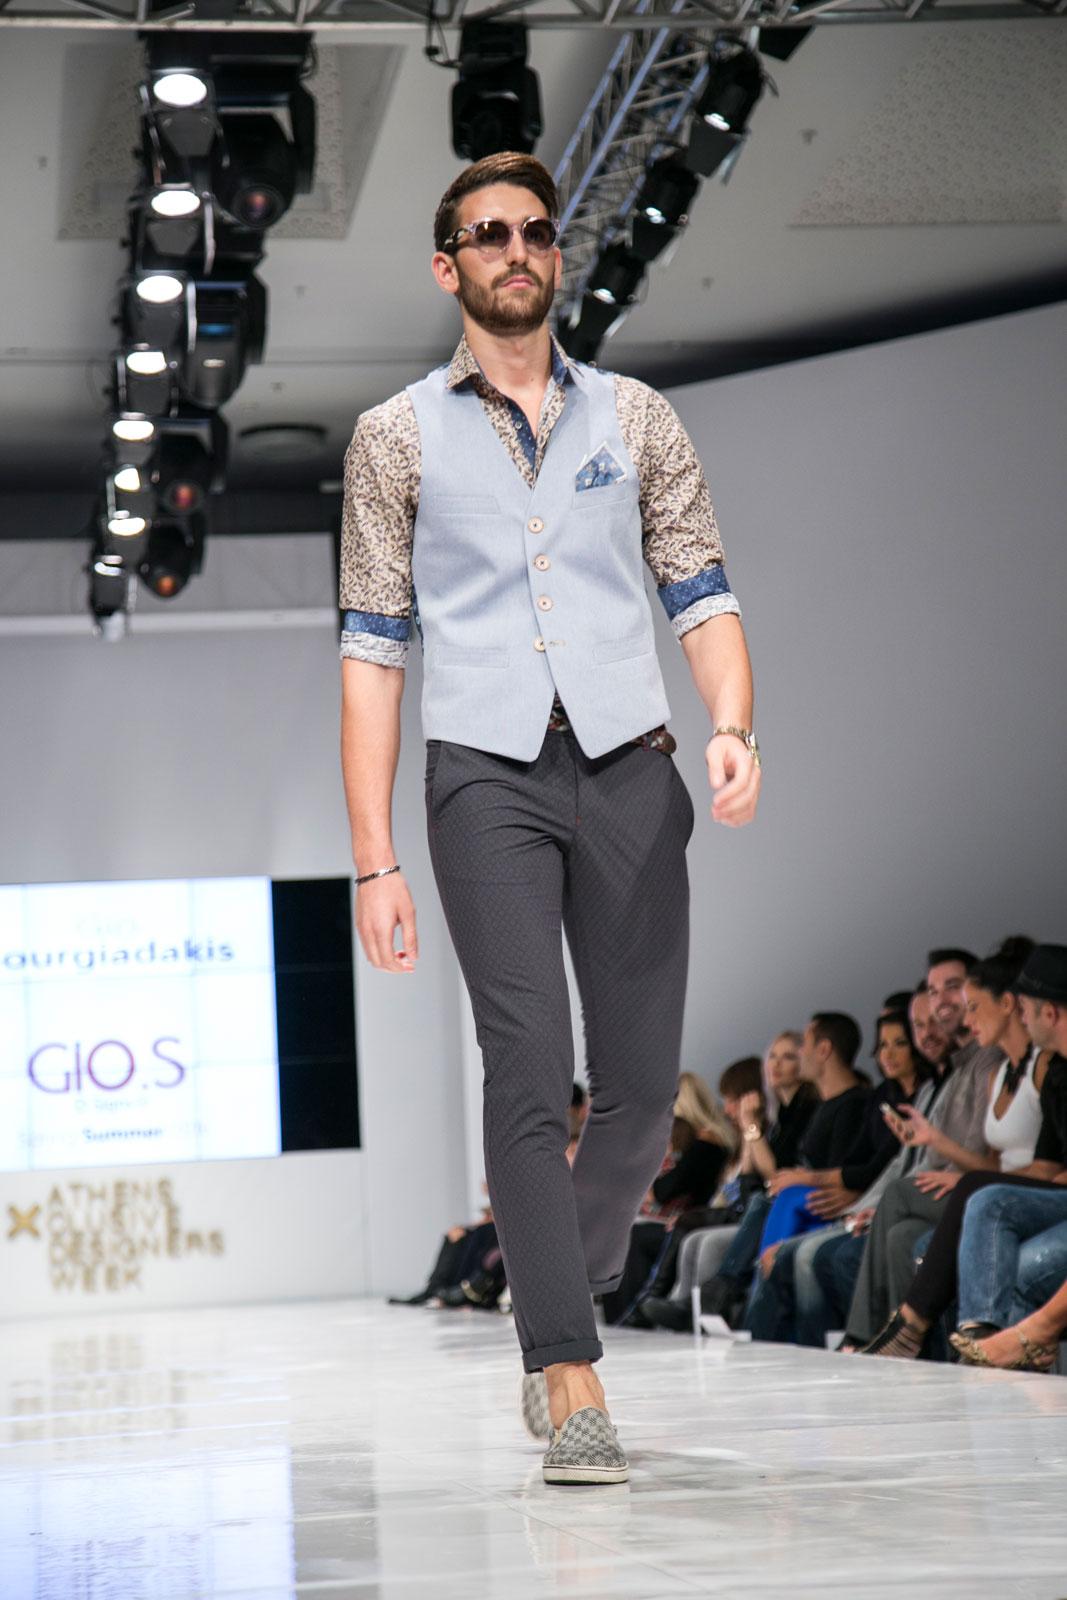 AXDW 2015 Gio S. 11